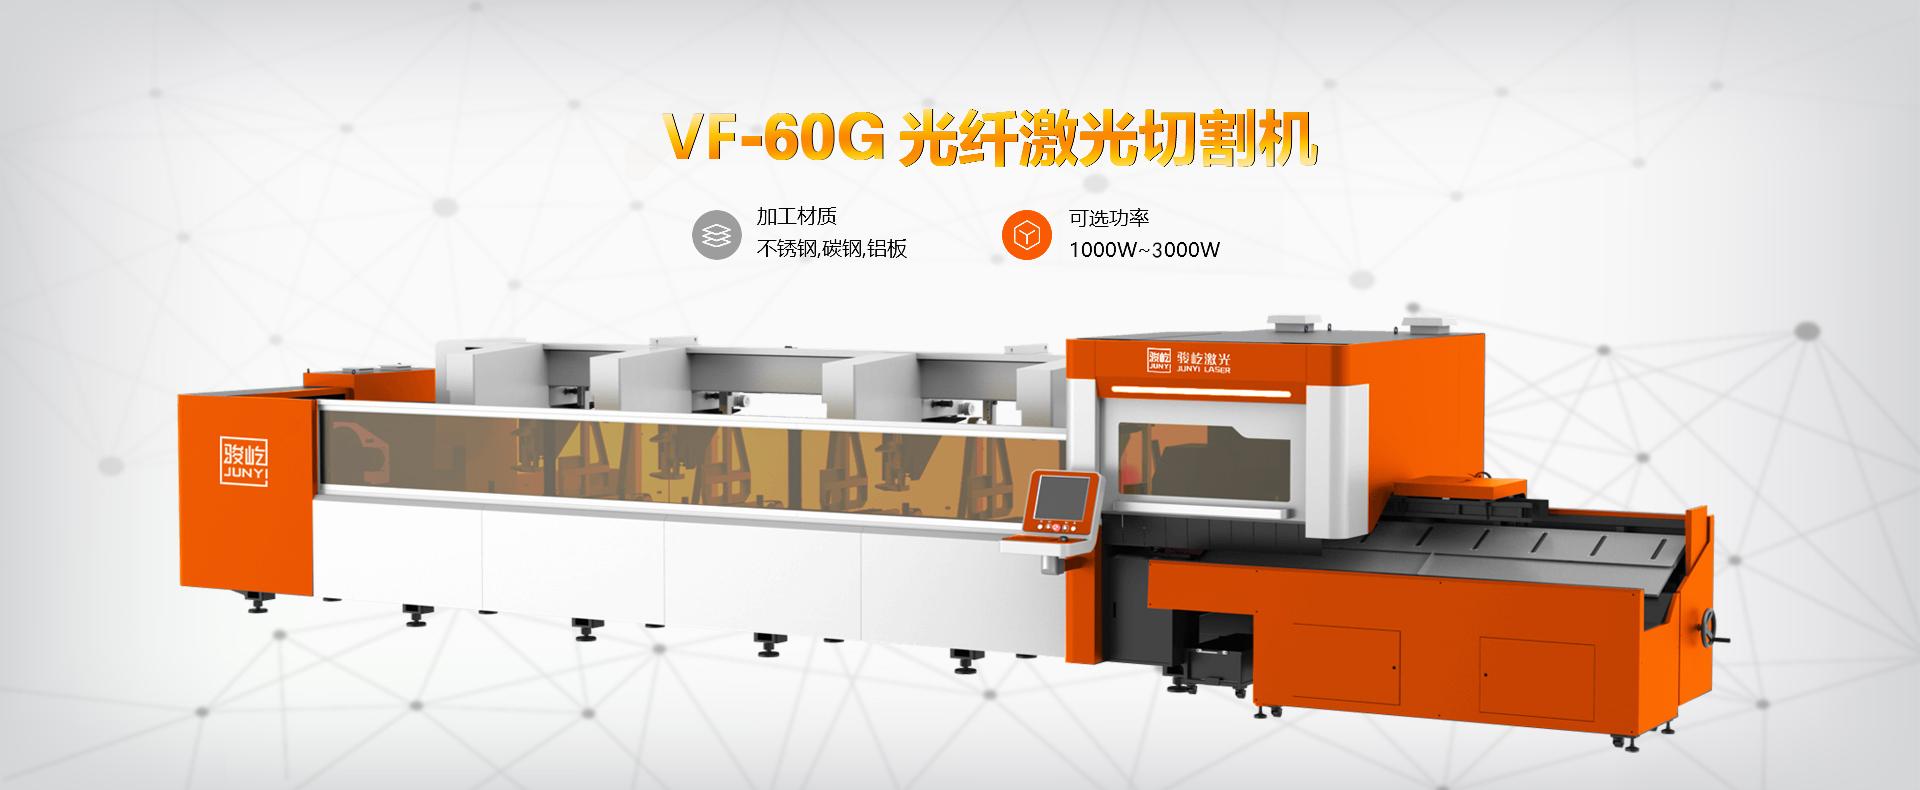 VF-60G光纤激光切管机